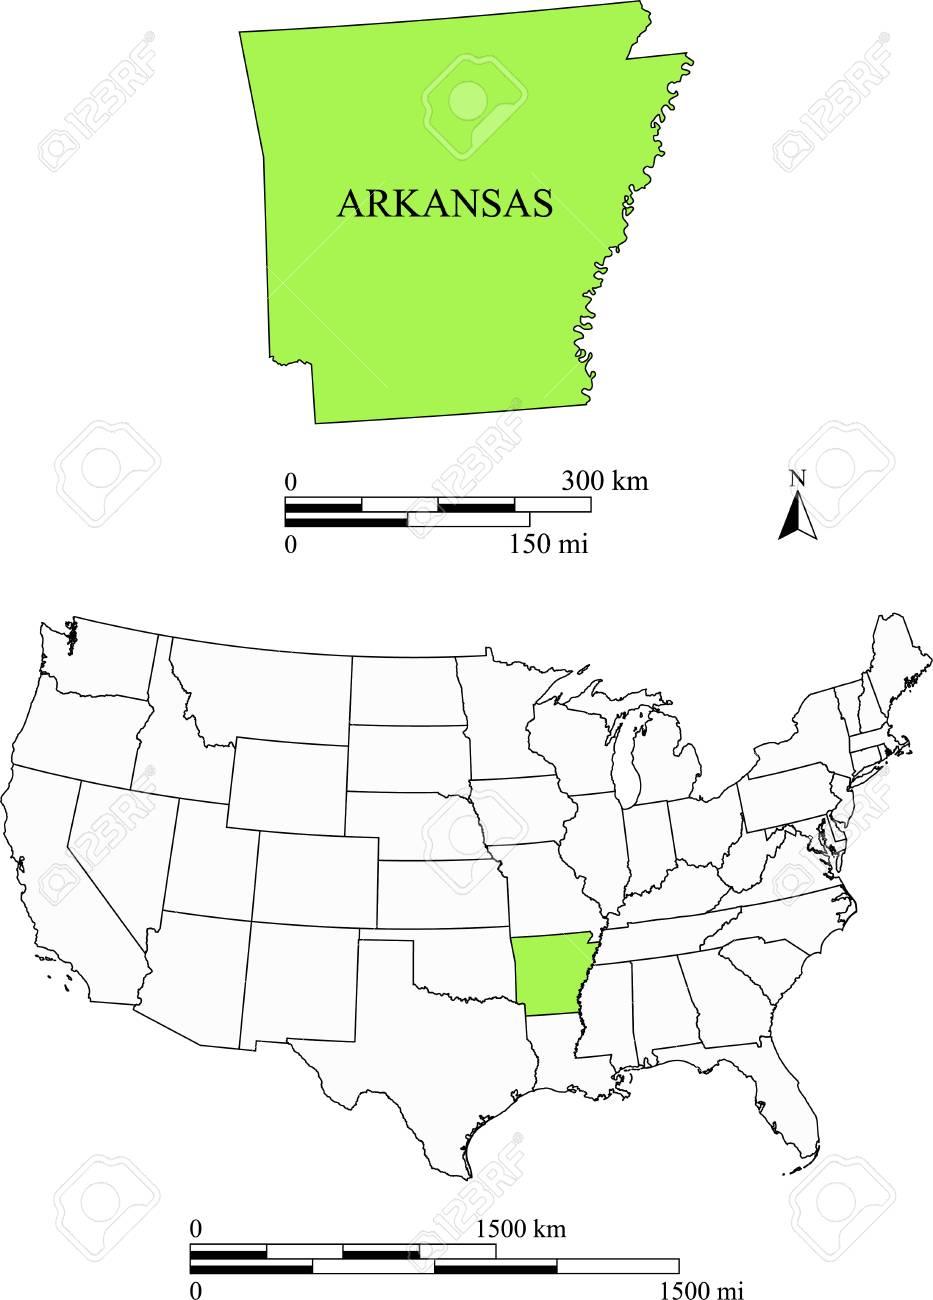 アーカンソー州地図のイラスト素材・ベクタ - Image 33289333.